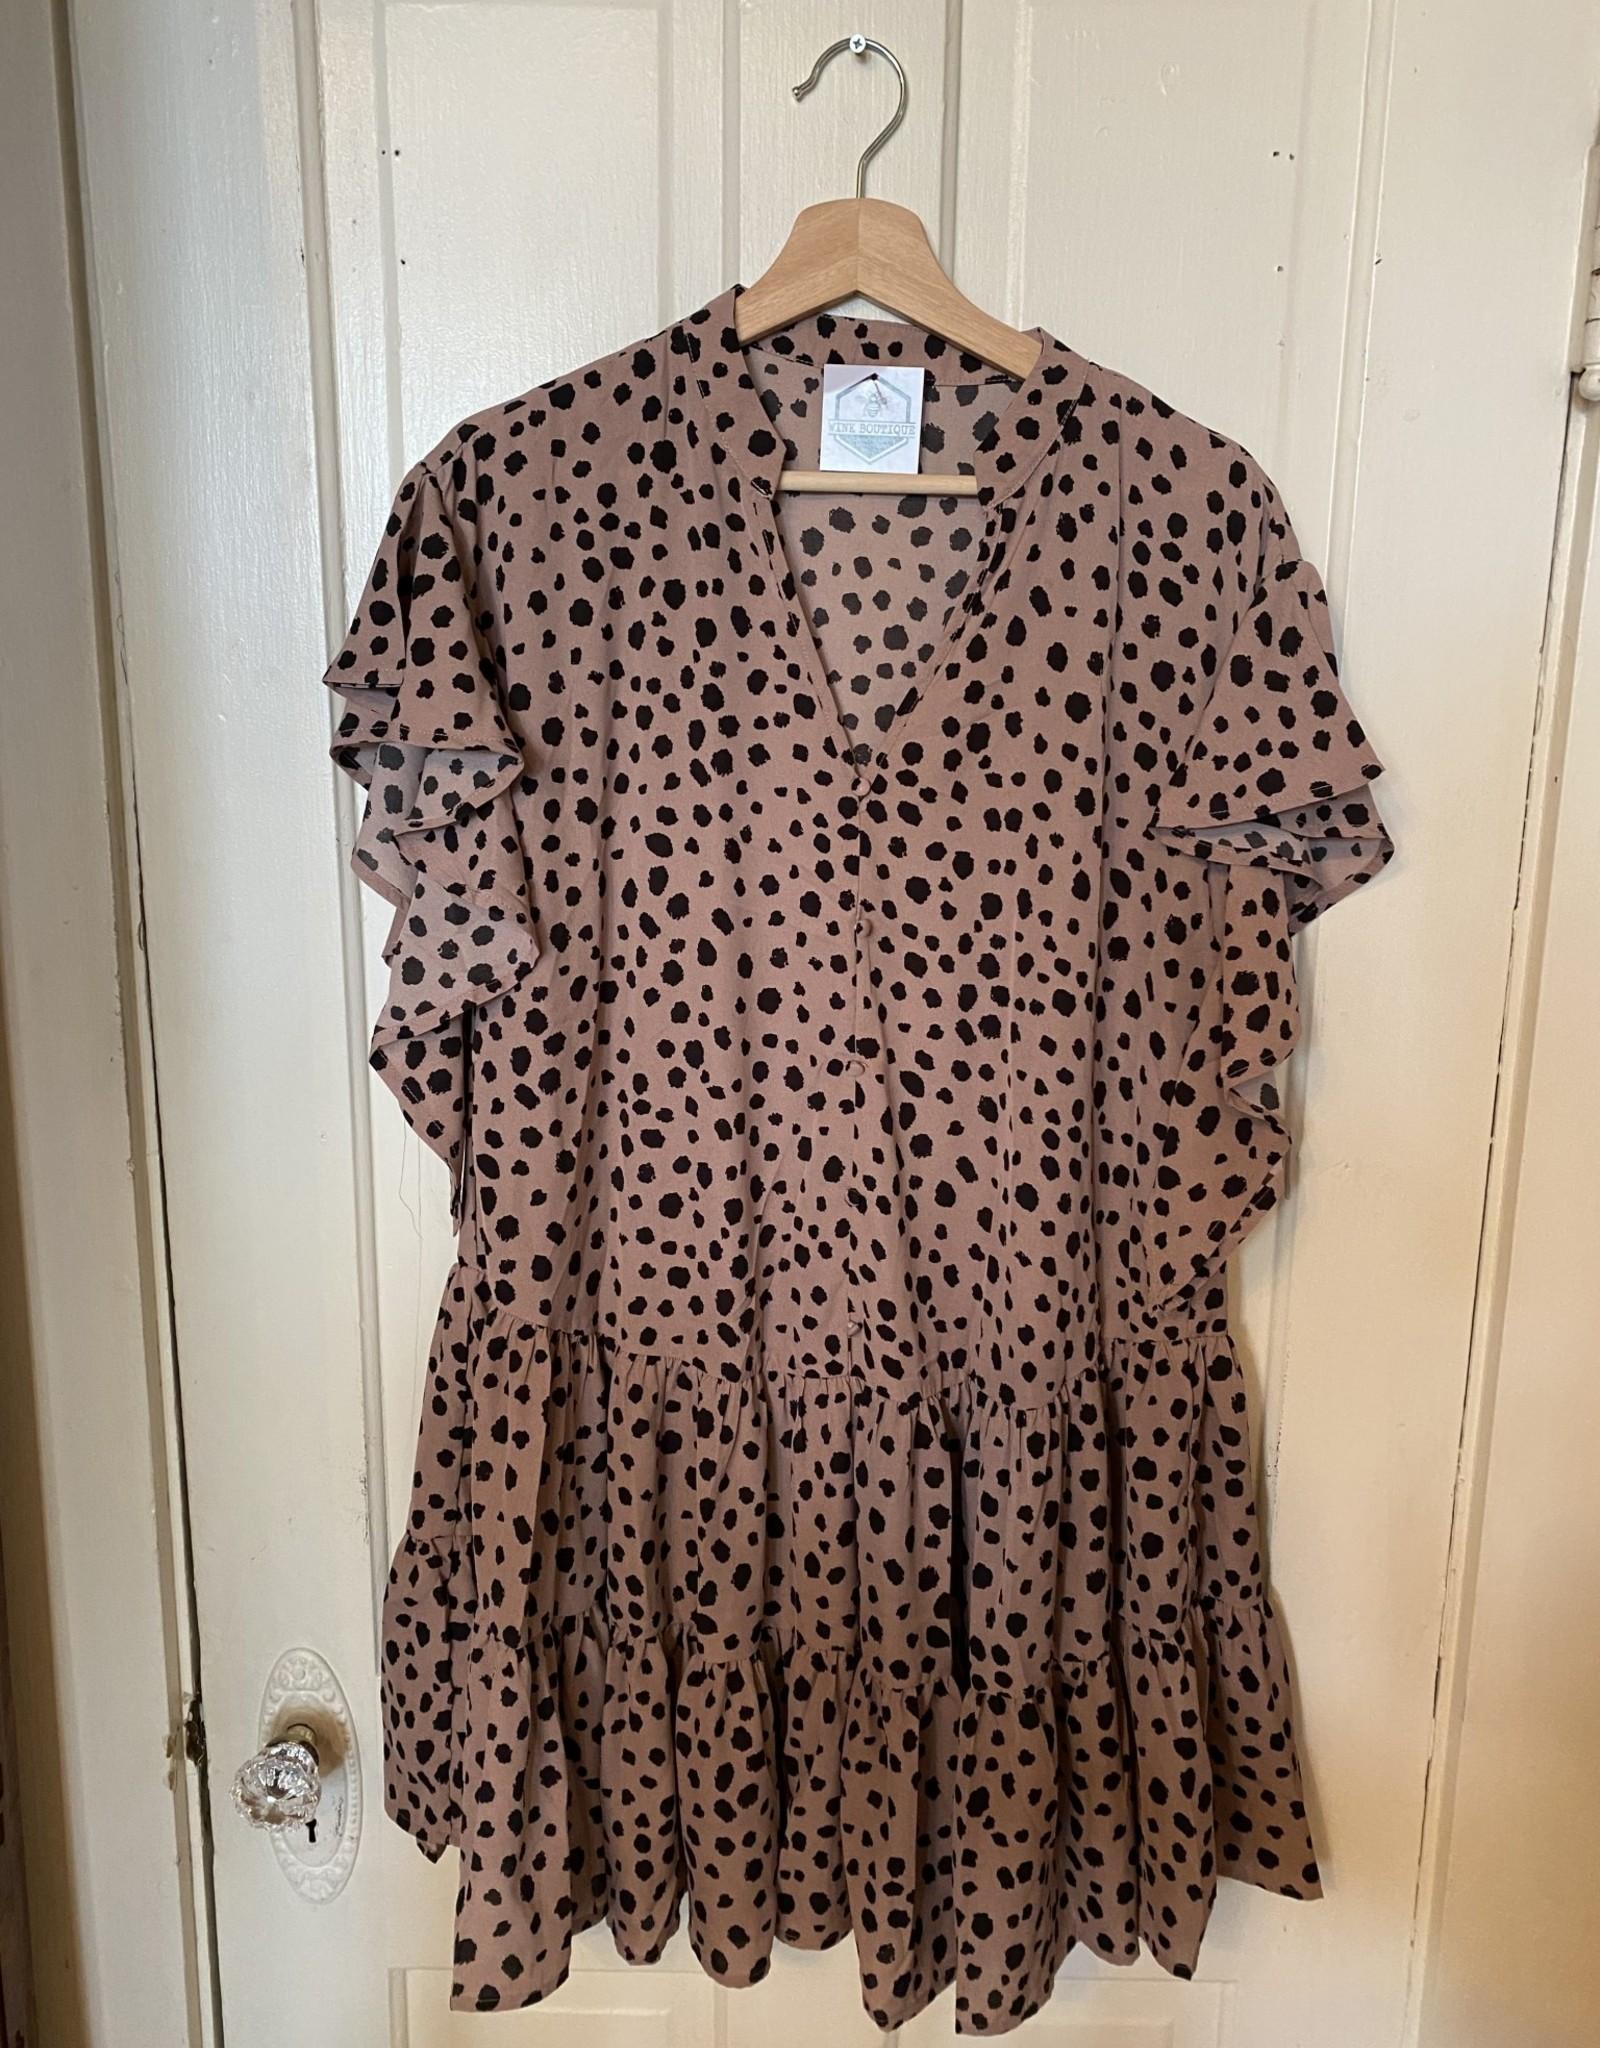 Wink Leopard Print Tiered Dress